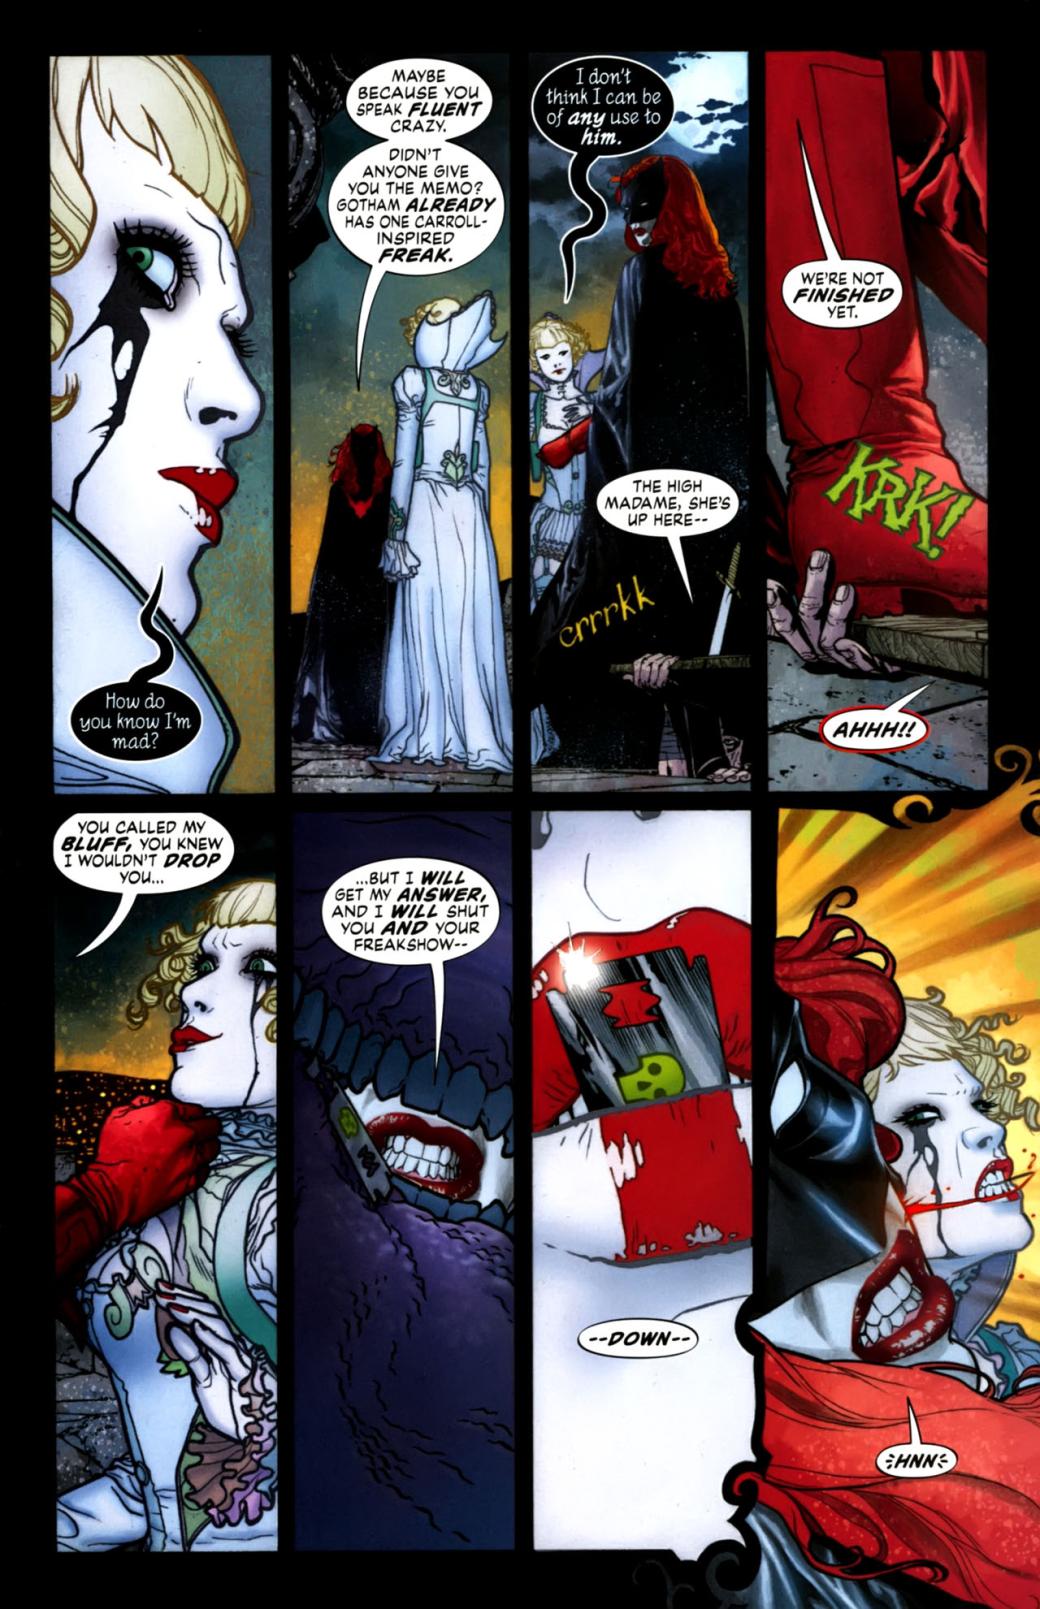 История Бэтвумен: как менялась лесбийская бэт-икона | Канобу - Изображение 22